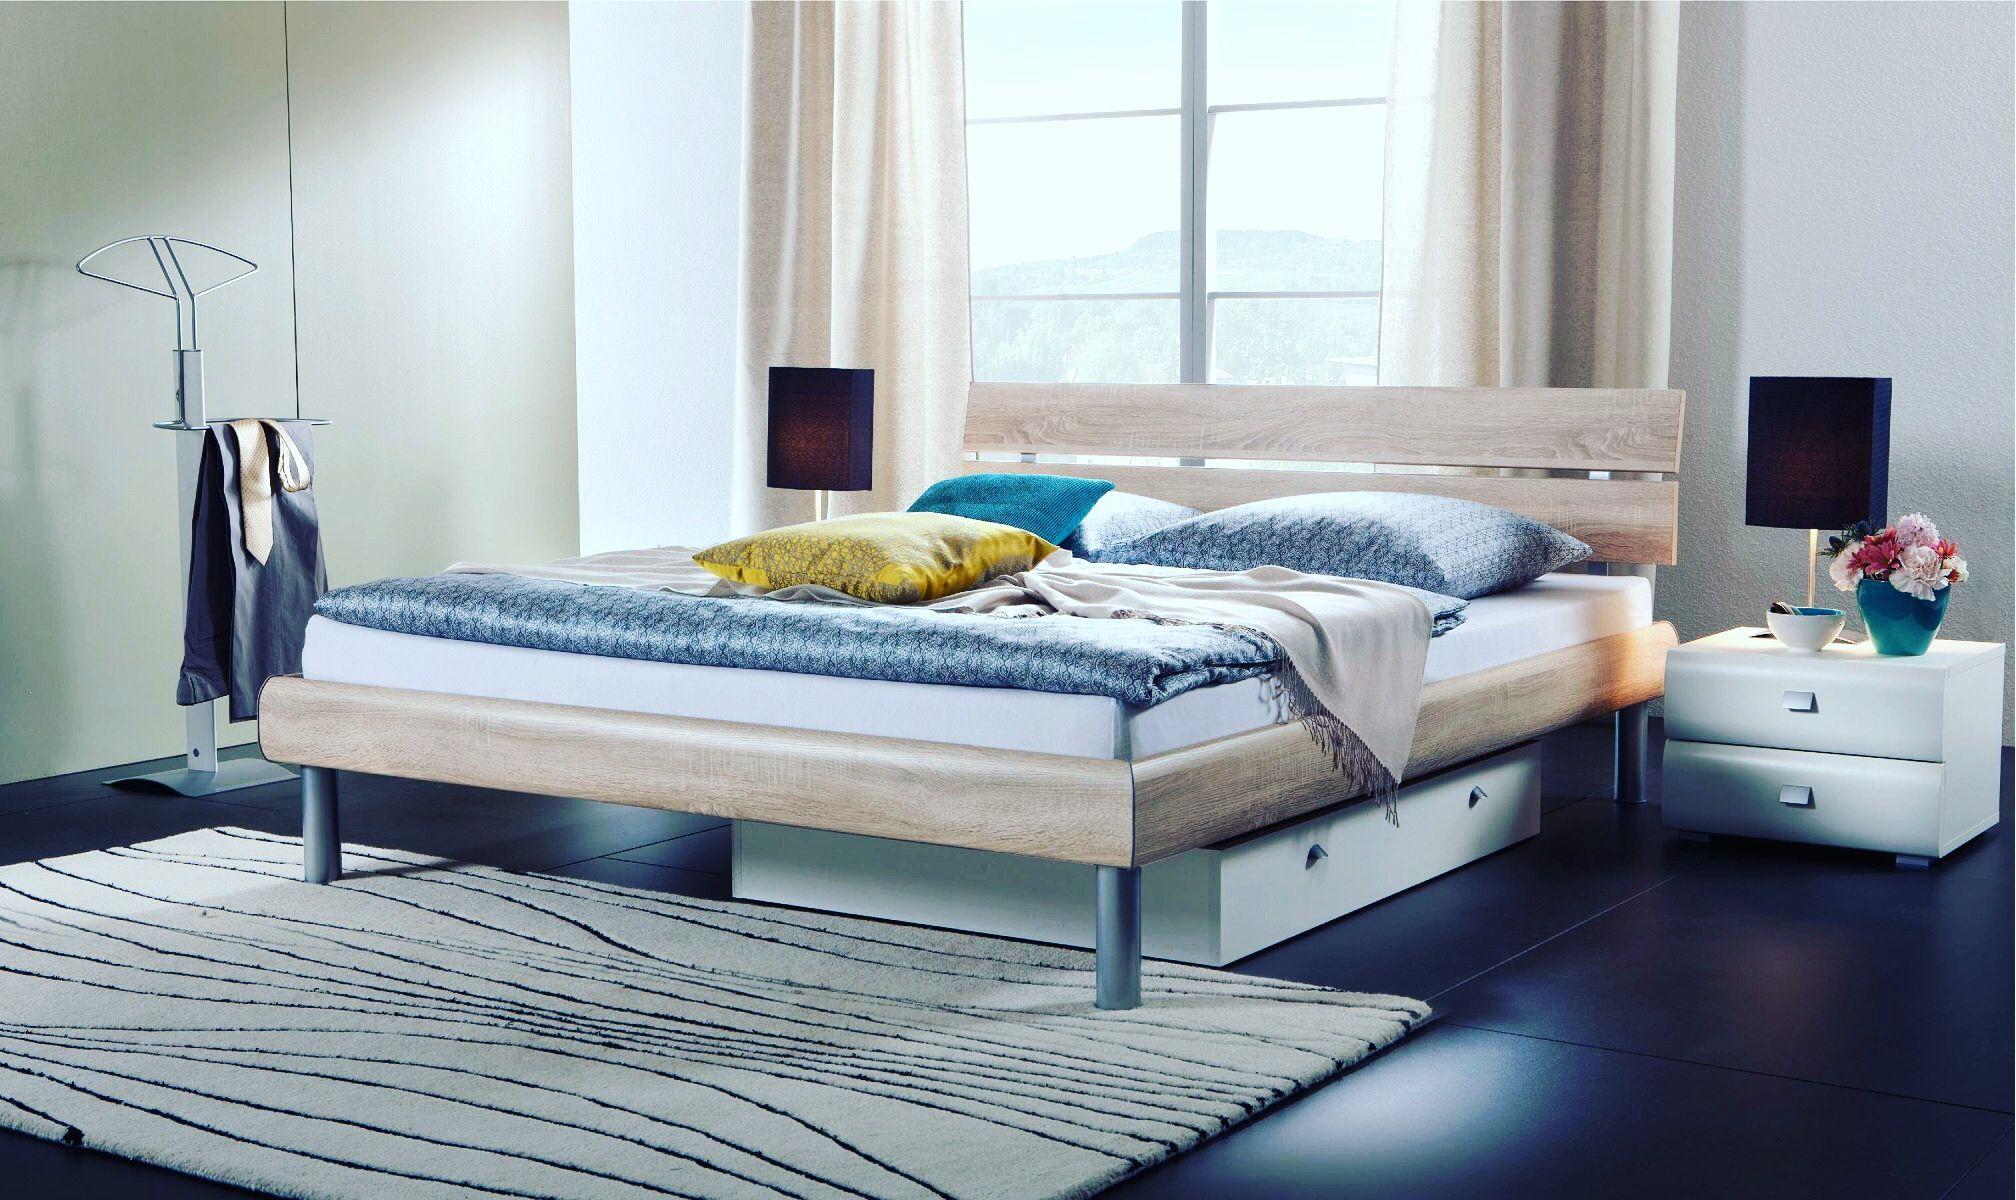 Hasena Einzelbett Designer bett, Bett, Einzelbett